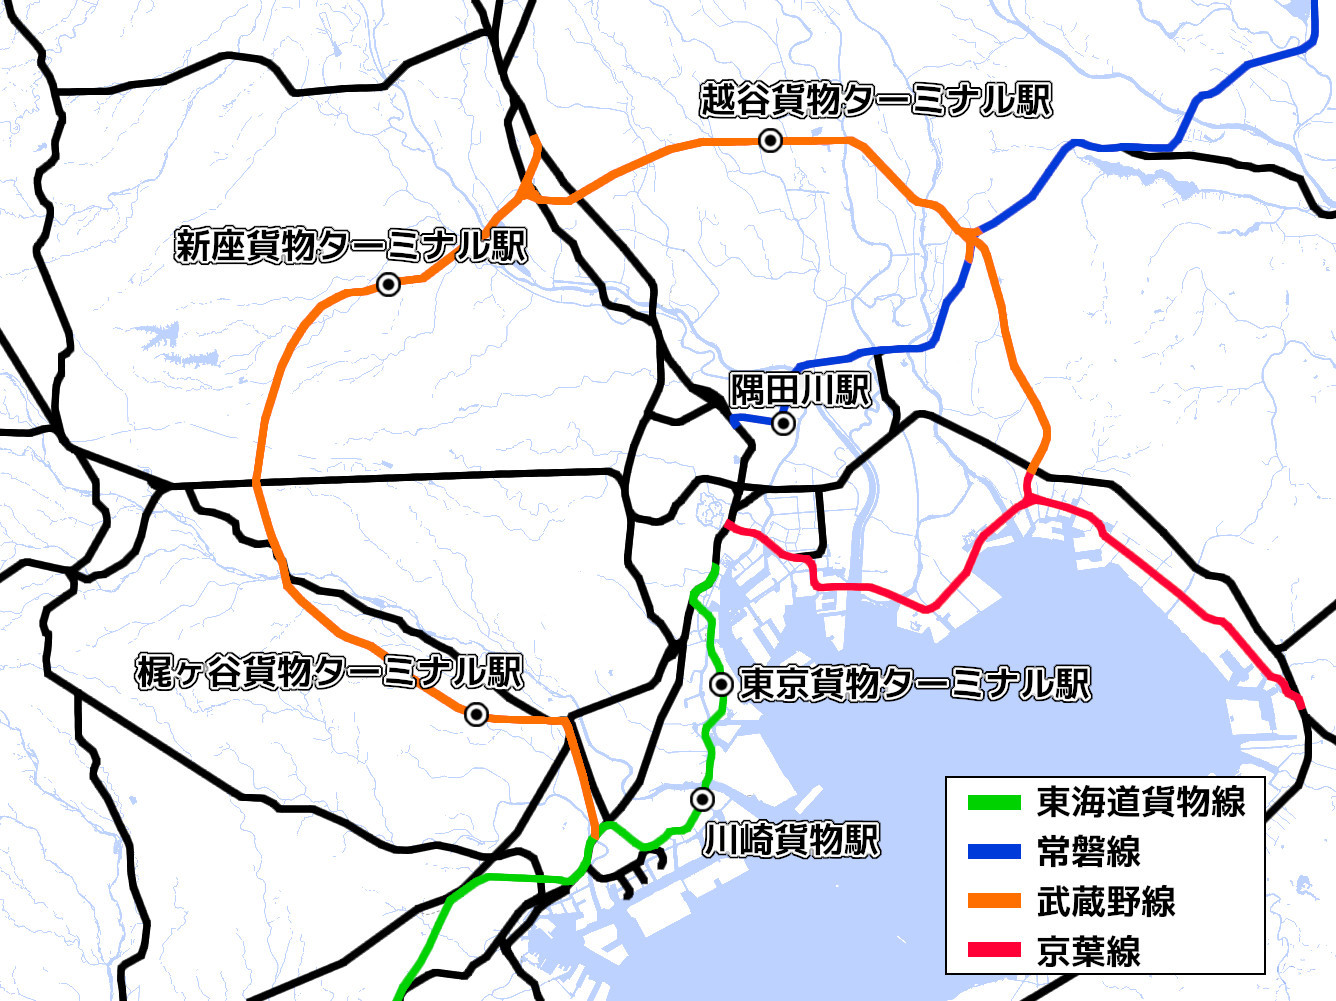 東京の主要貨物線と現役の貨物駅(国土地理院「地理院地図Vector」の淡色地図に加筆)